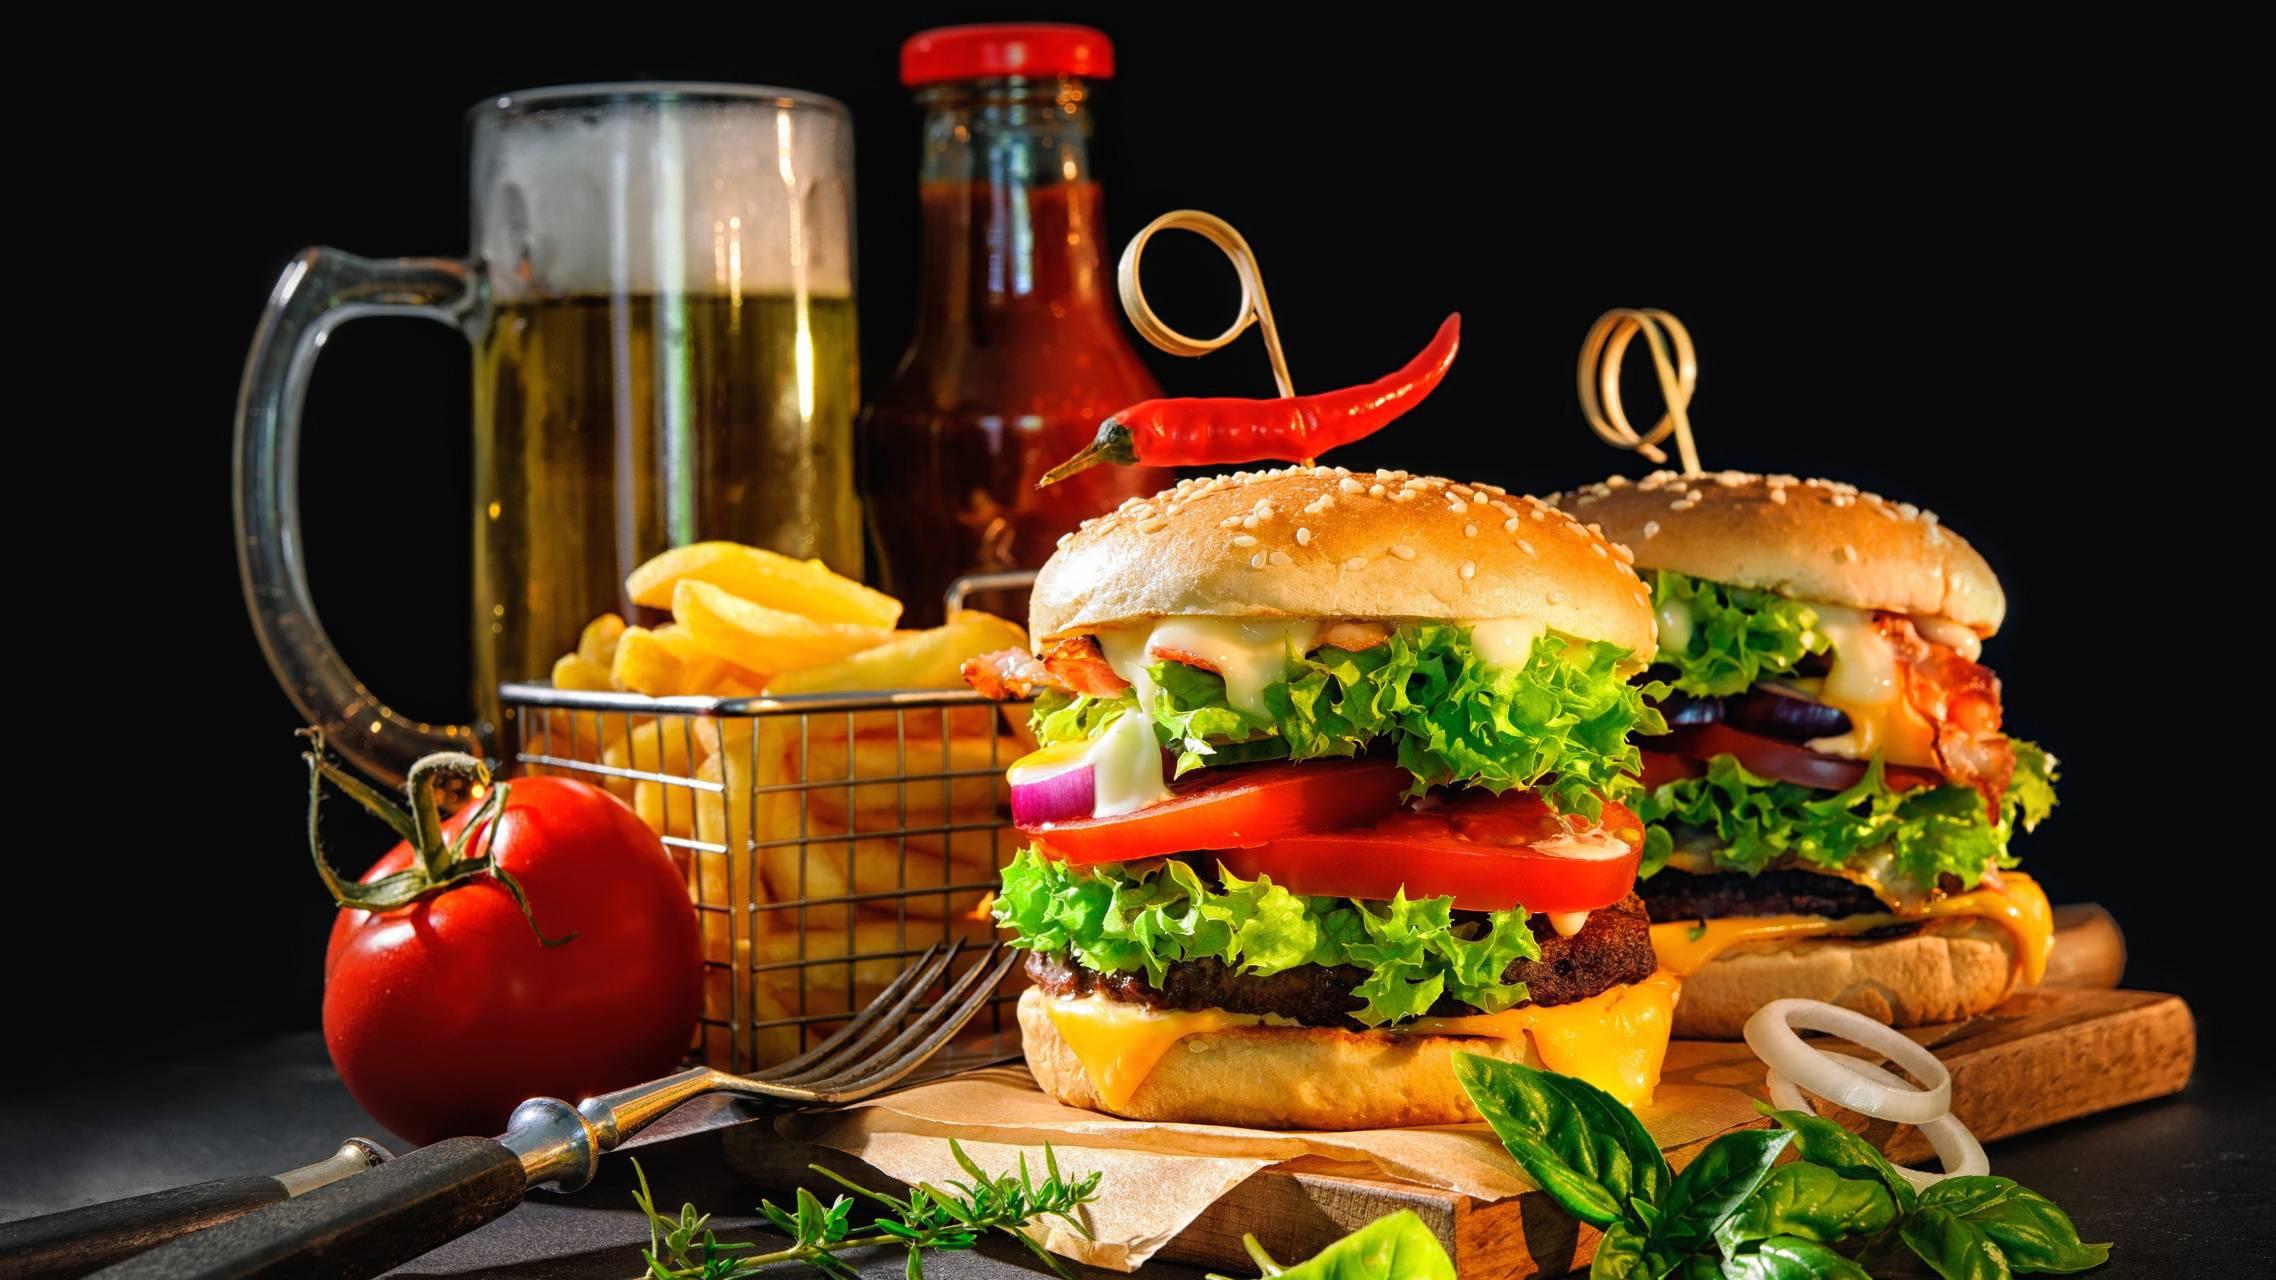 عکس زمینه غذای همبرگر فست فود پس زمینه